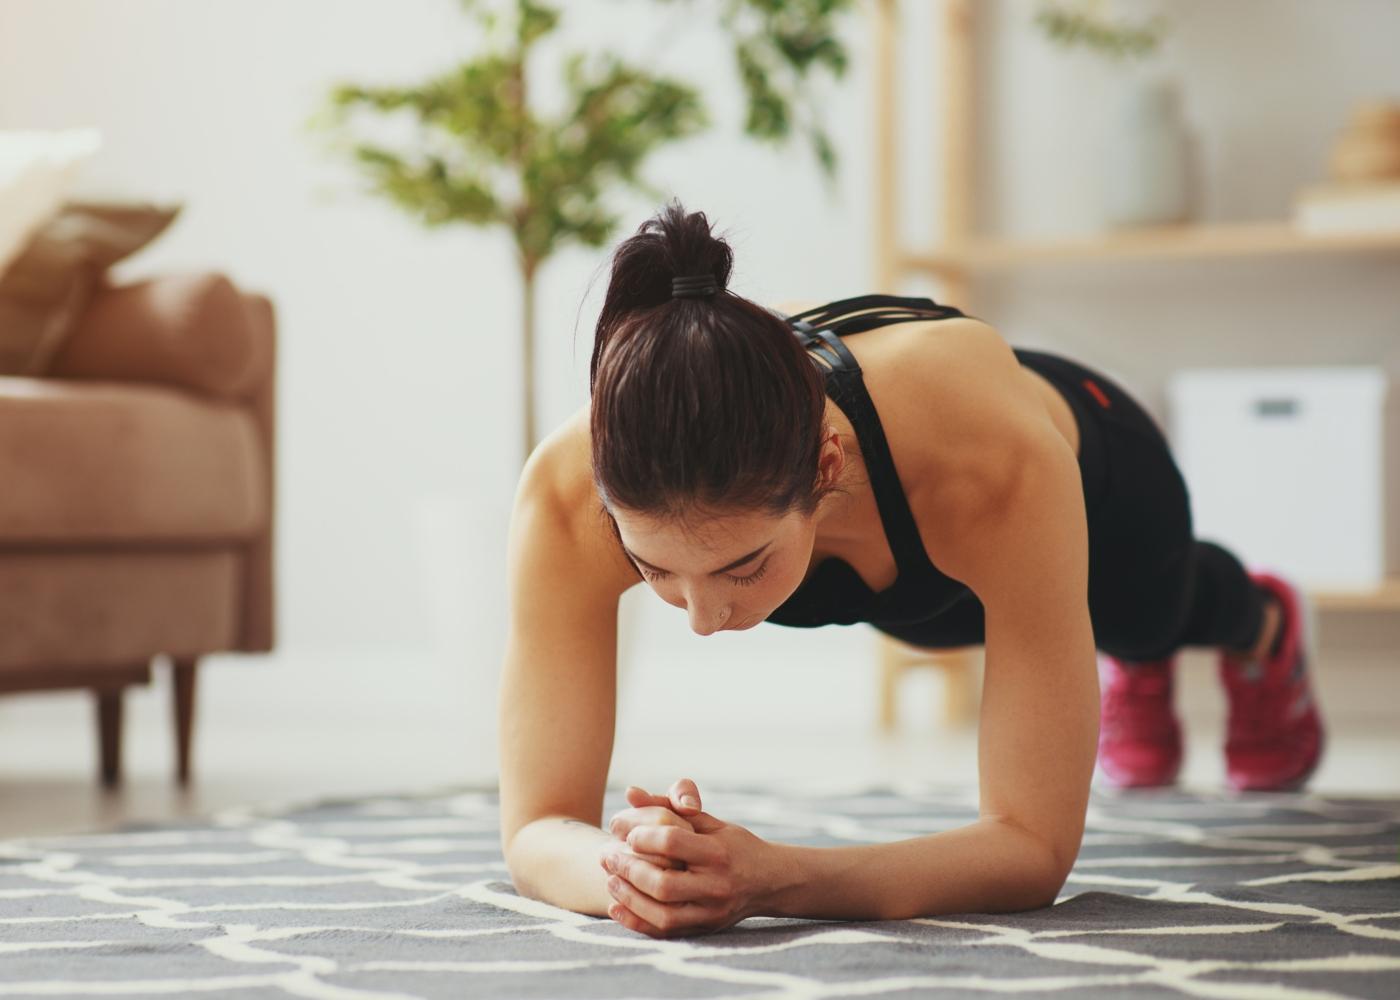 Iniciar uma rotina de exercícios não é simples, mas saiba que é possível sim fazer atividades em casa e sair da vida sedentária.  Veja neste artigo!